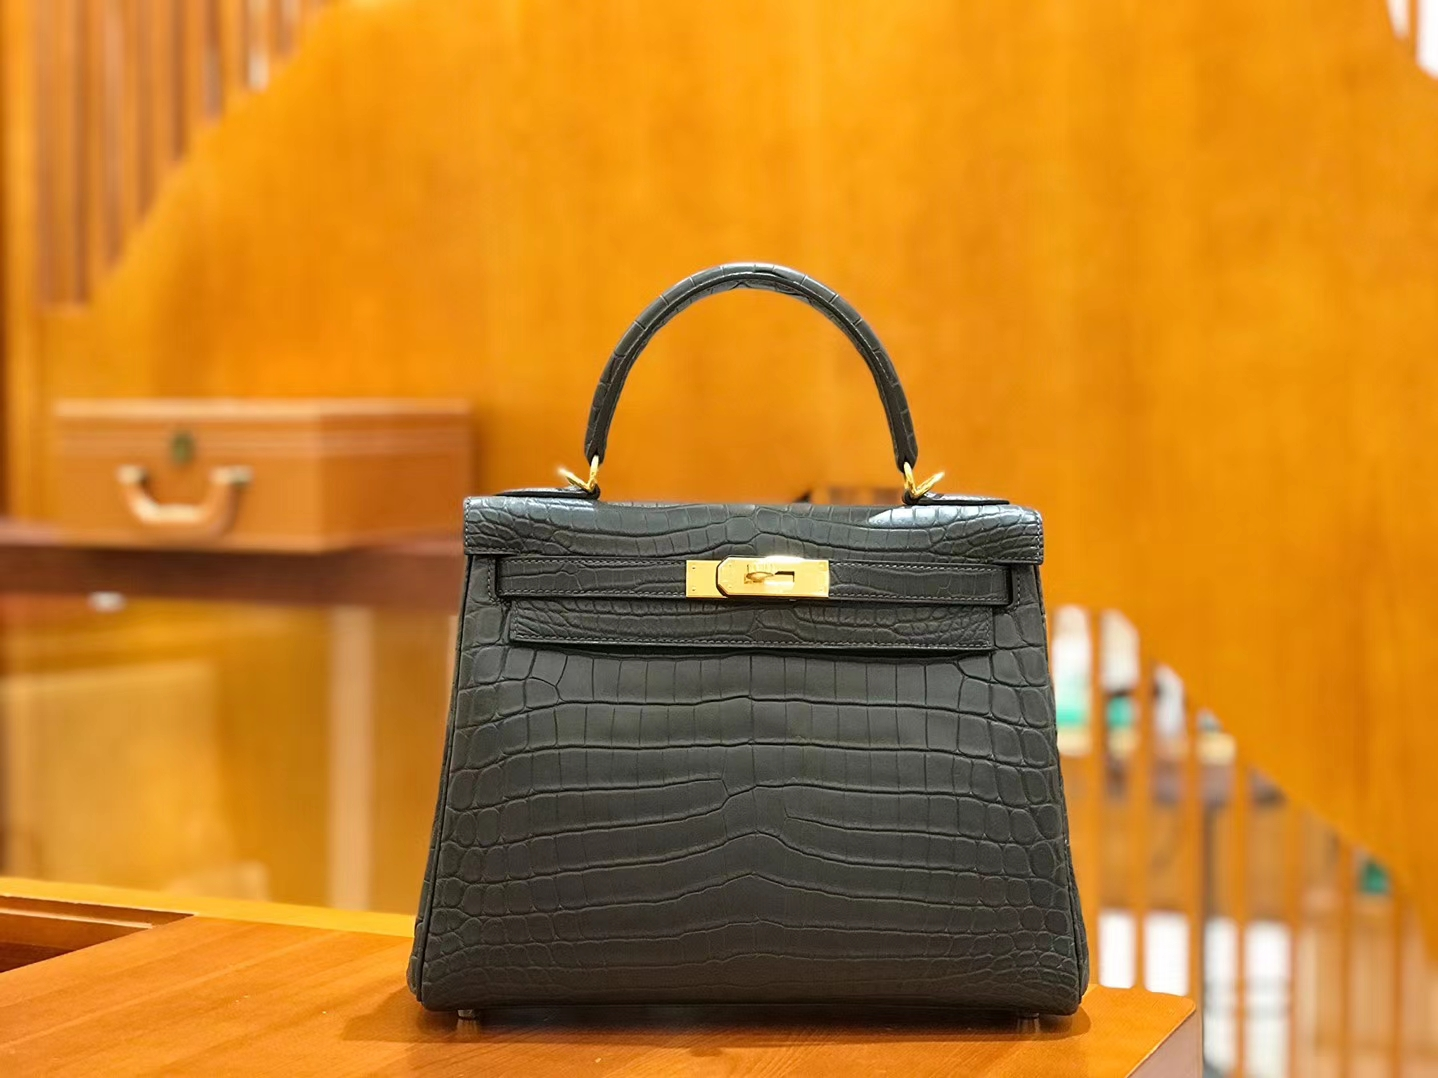 Hermès(爱马仕)Kelly 28cm 石墨灰 金扣 哑光 尼罗鳄鱼皮 全手工缝制 现货